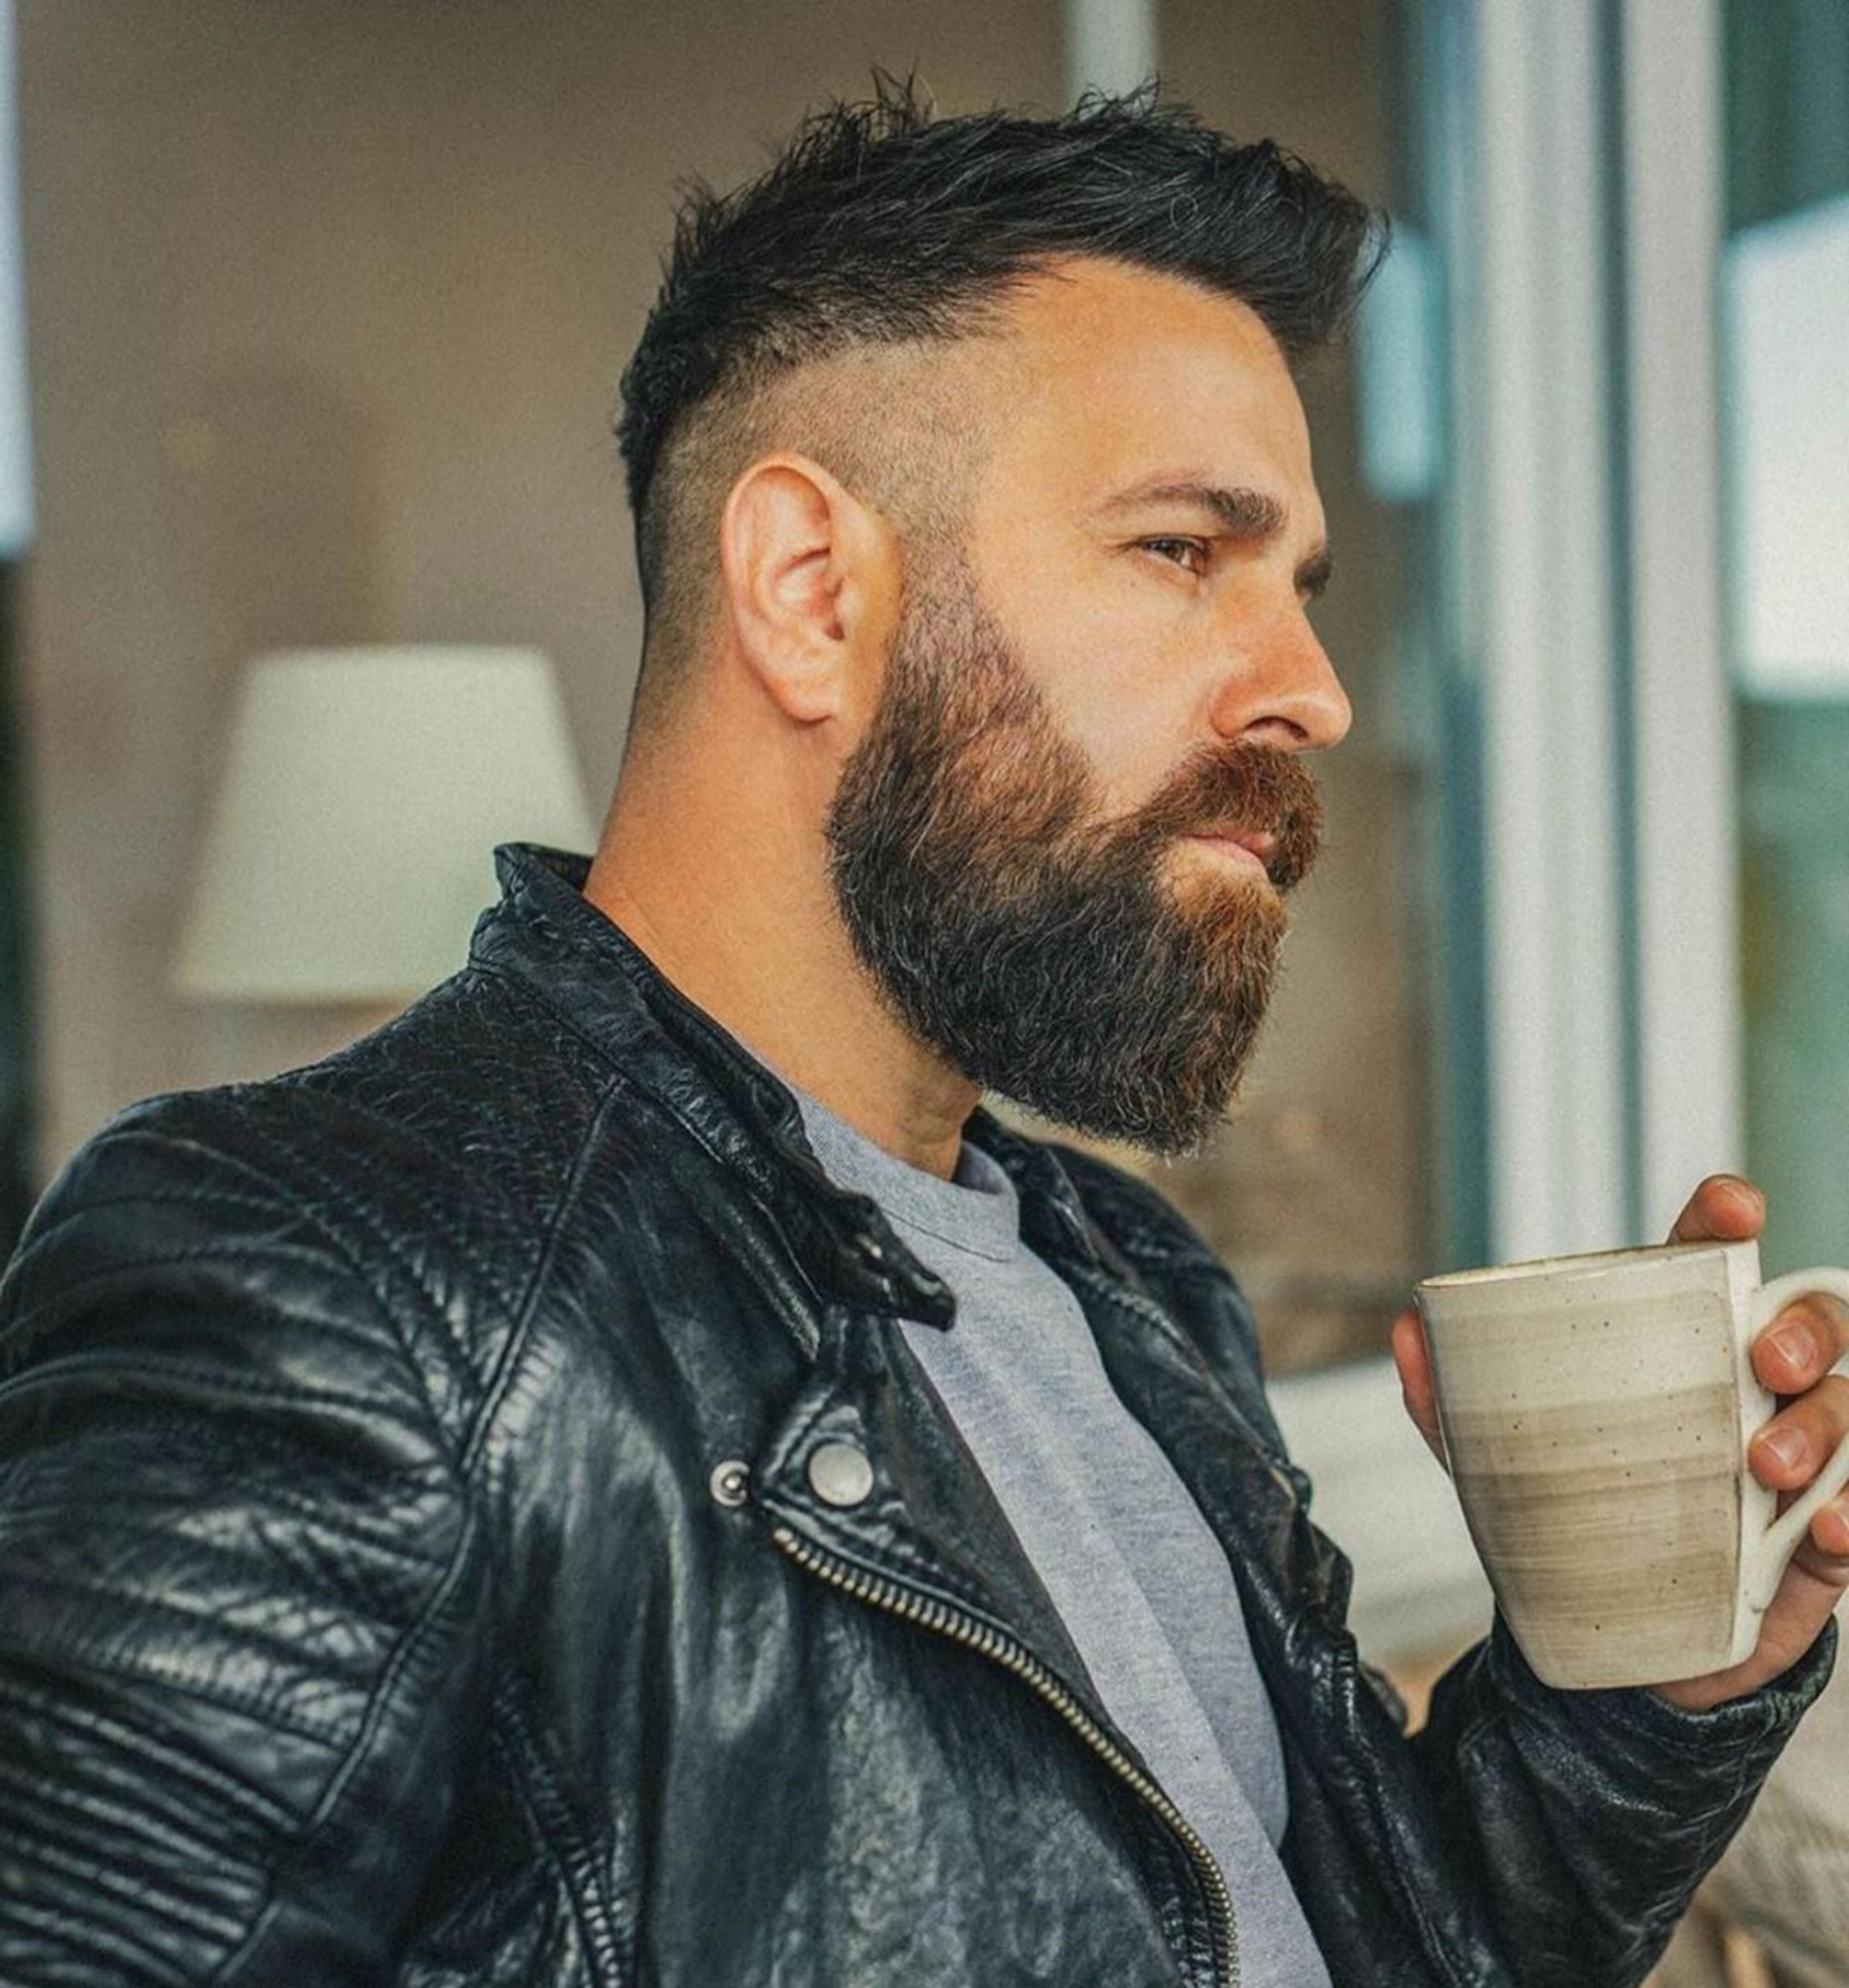 A long beard for black-haired men.